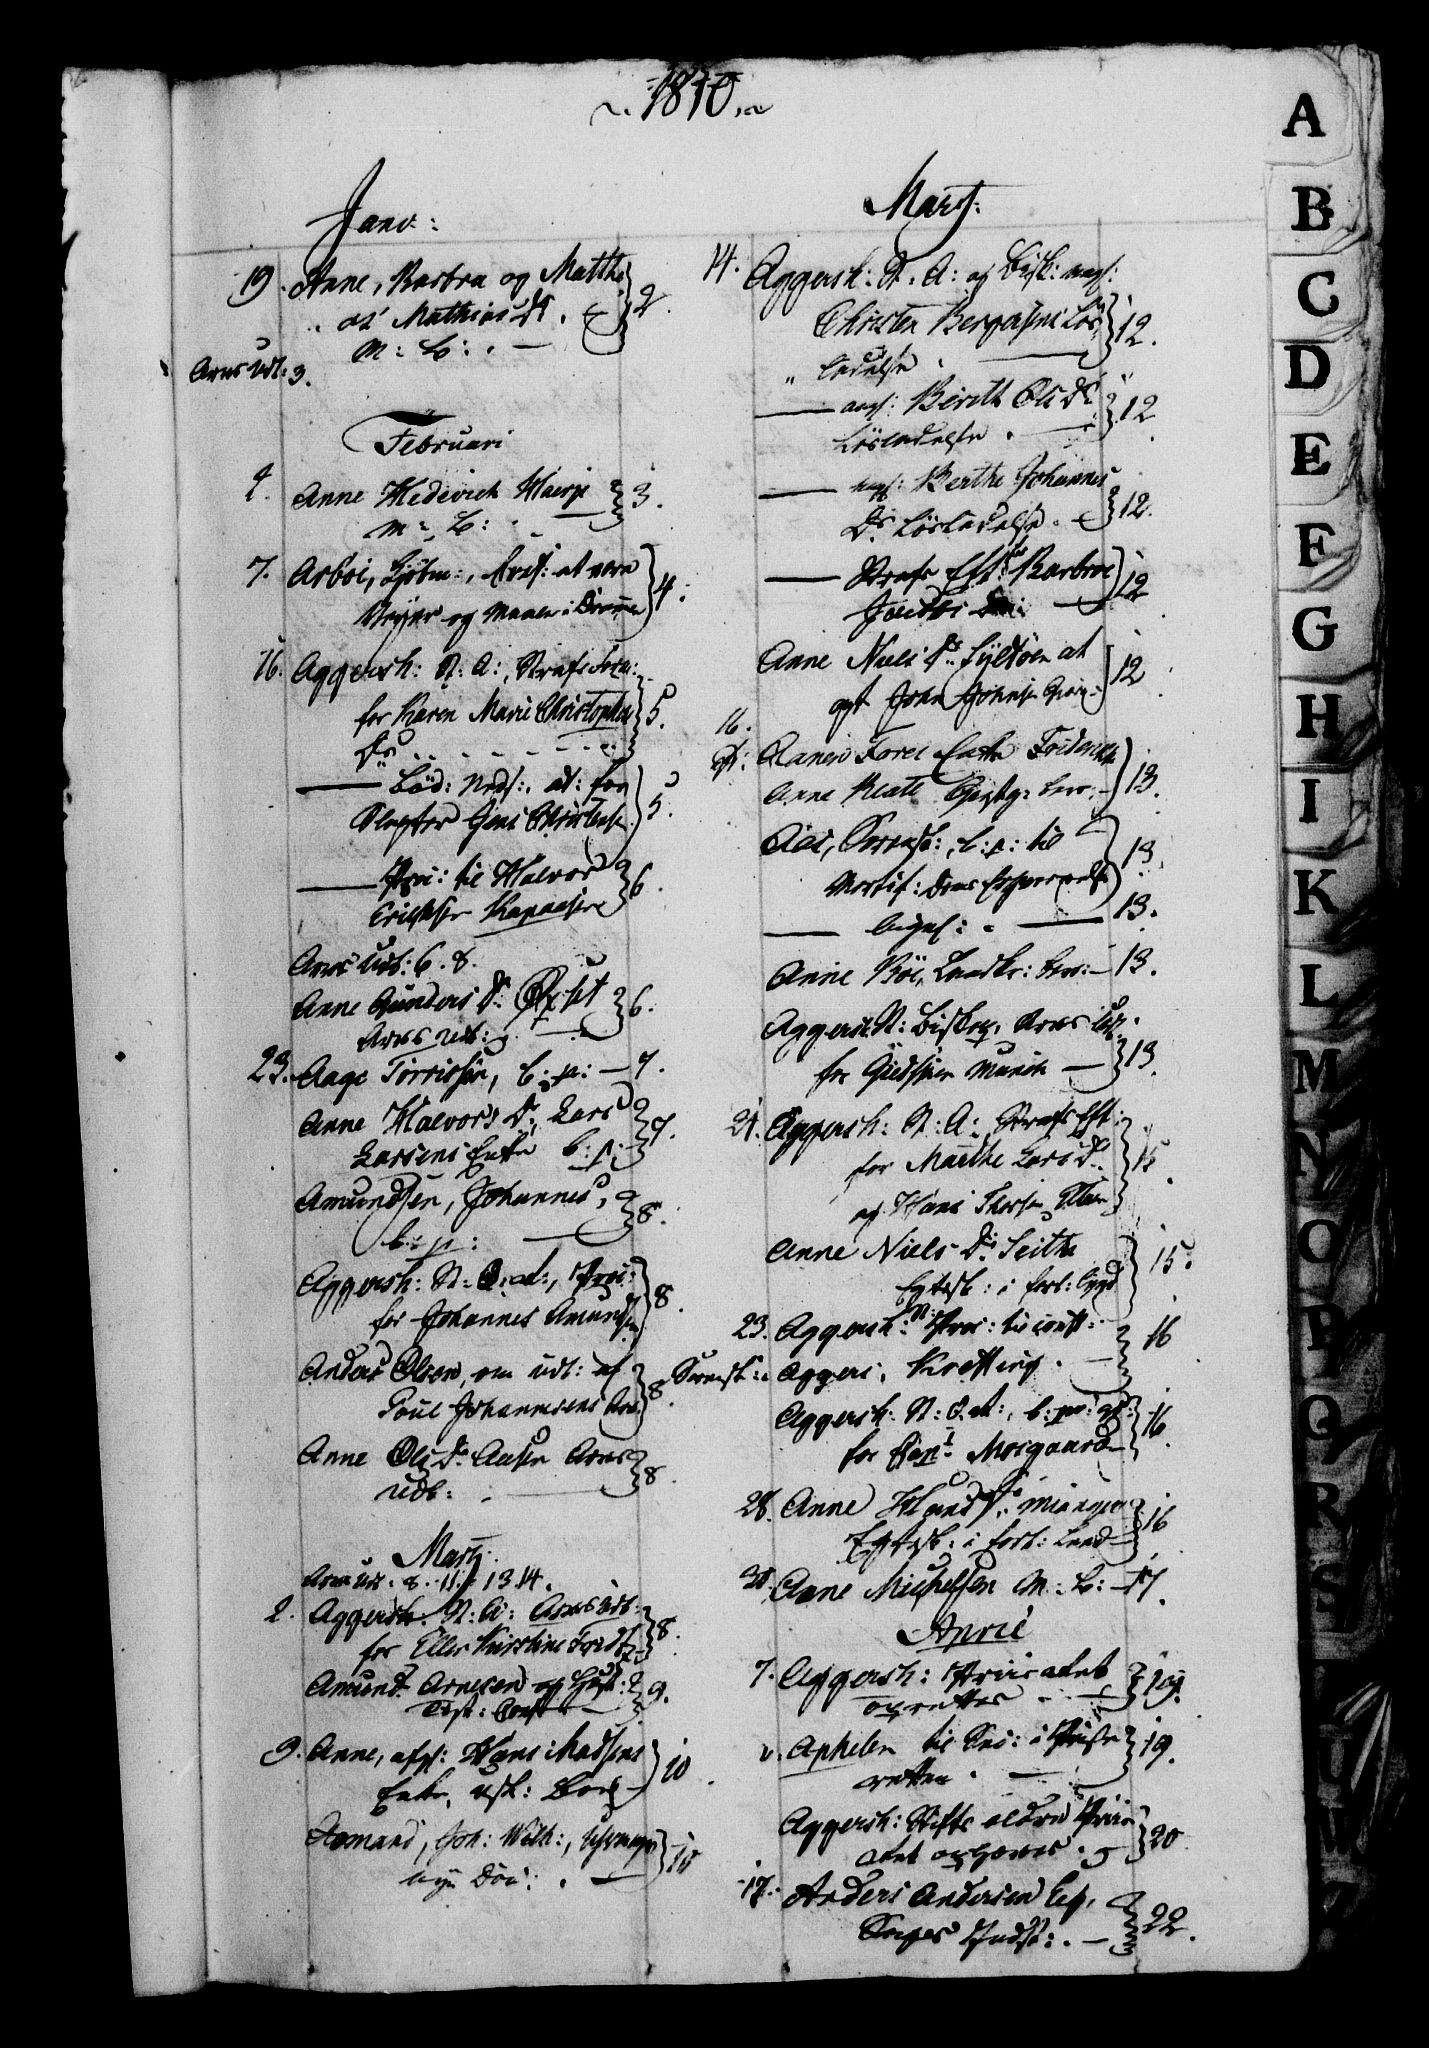 RA, Danske Kanselli 1800-1814, H/Hf/Hfb/Hfbc/L0011: Underskrivelsesbok m. register, 1810